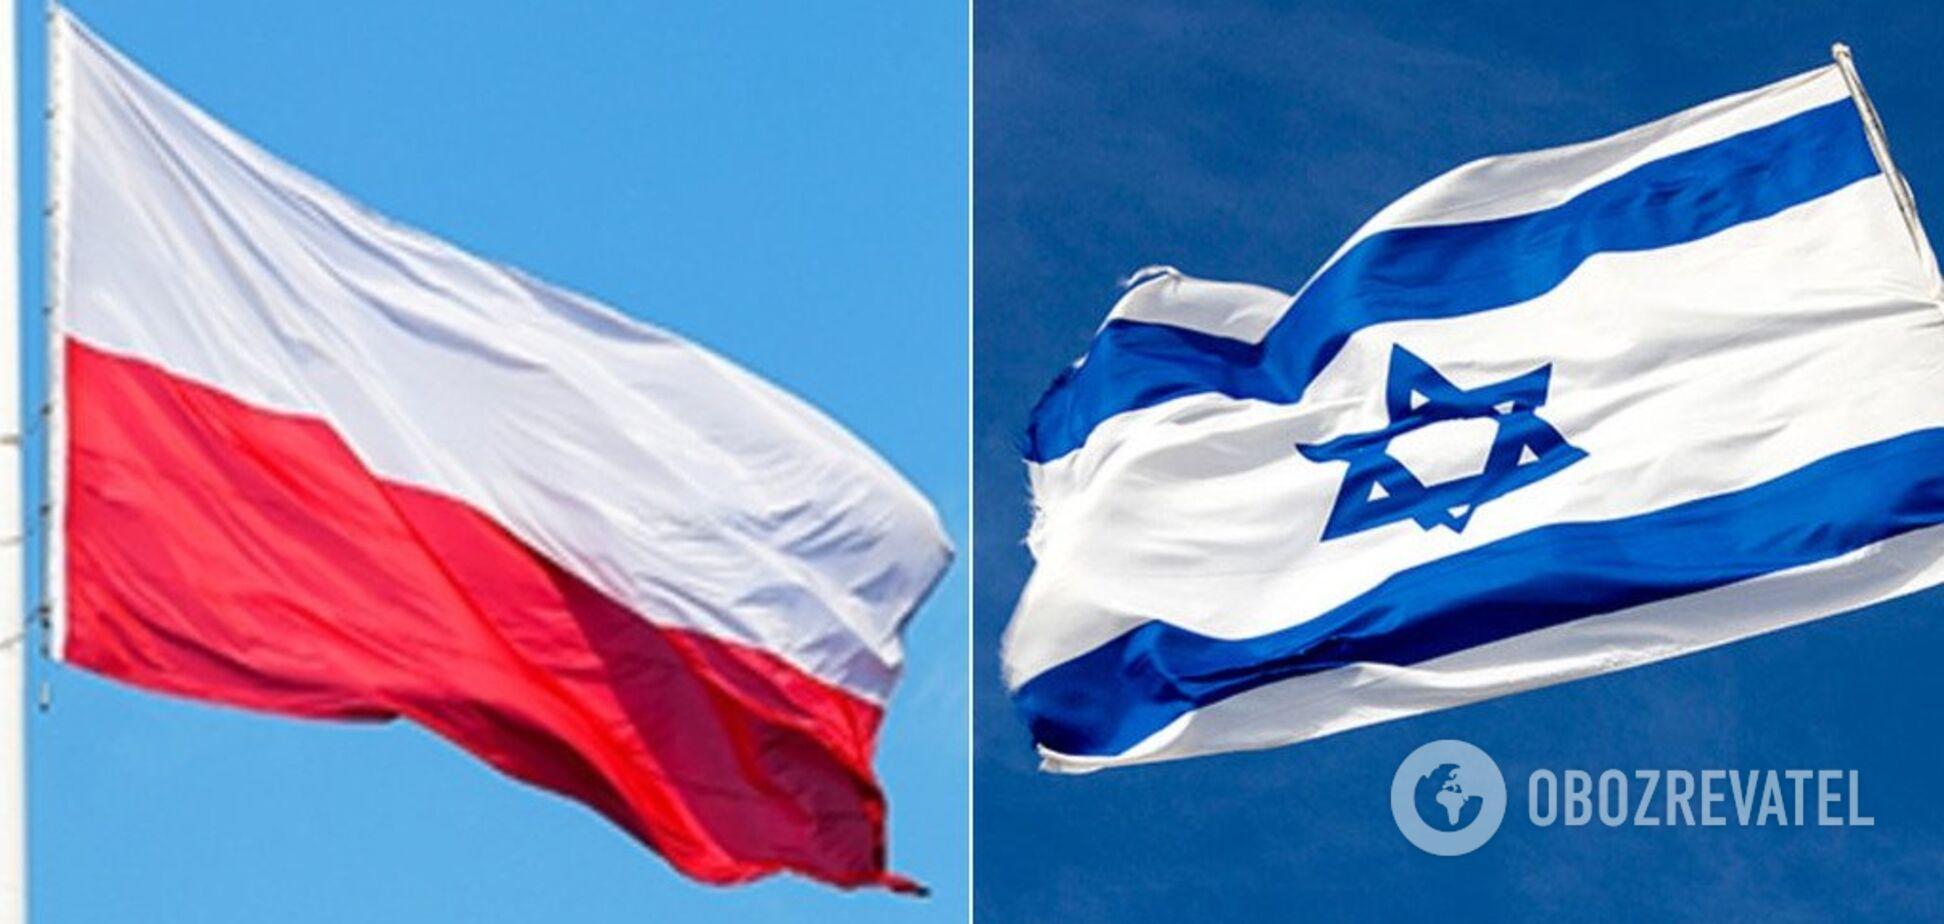 Нацисти та СРСР: Ізраїль вибачився перед Польщею за спотворення історії